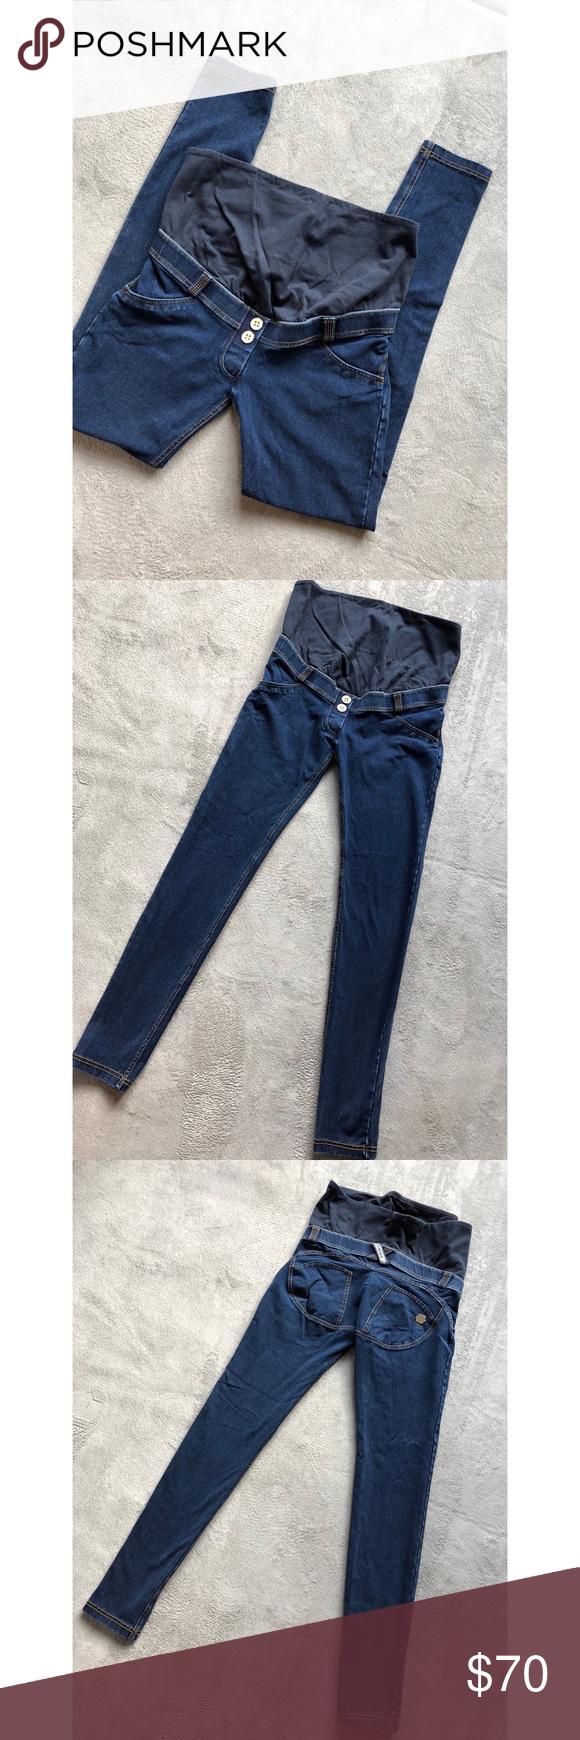 ec2fe4feb3cf5 Freddy Maternity WR.UP Denim Maternity Jeans Brand: Freddy Size: Small Pre-